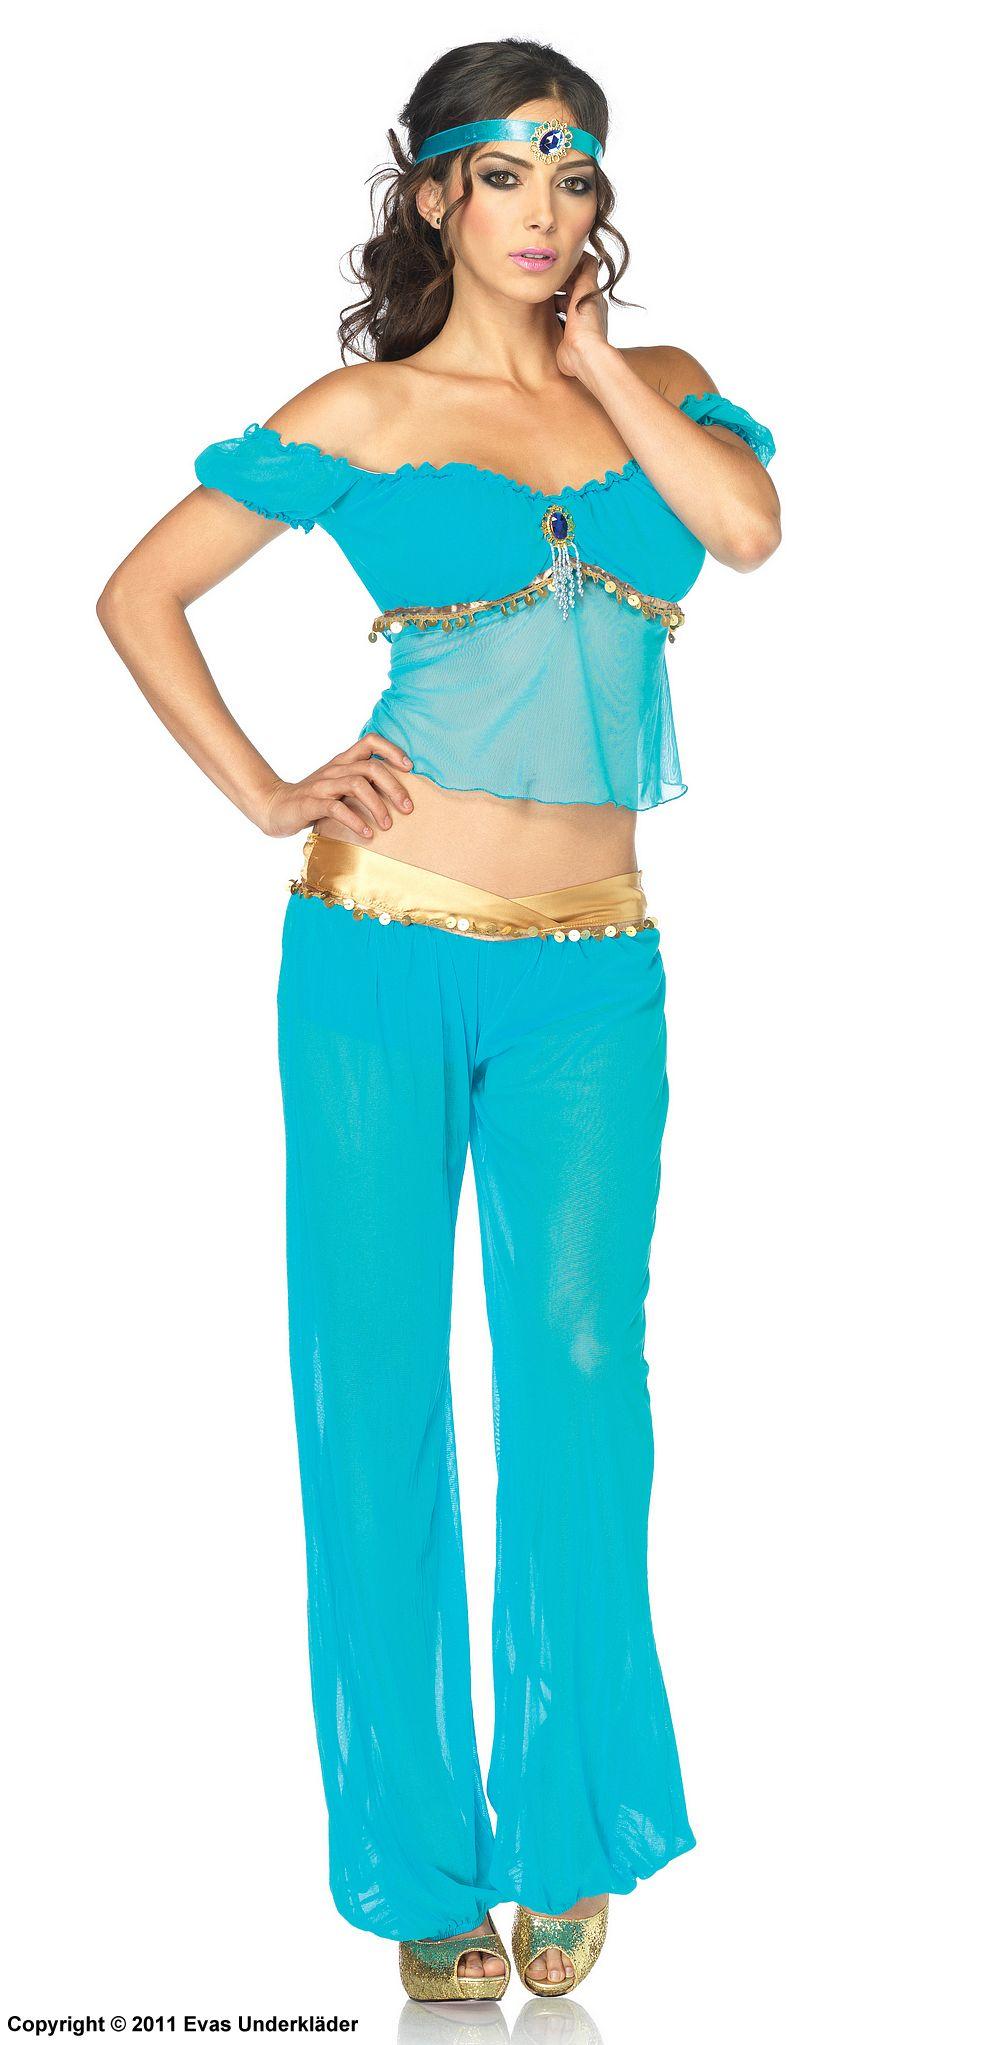 Arabisk prinsessa, maskeradkläder